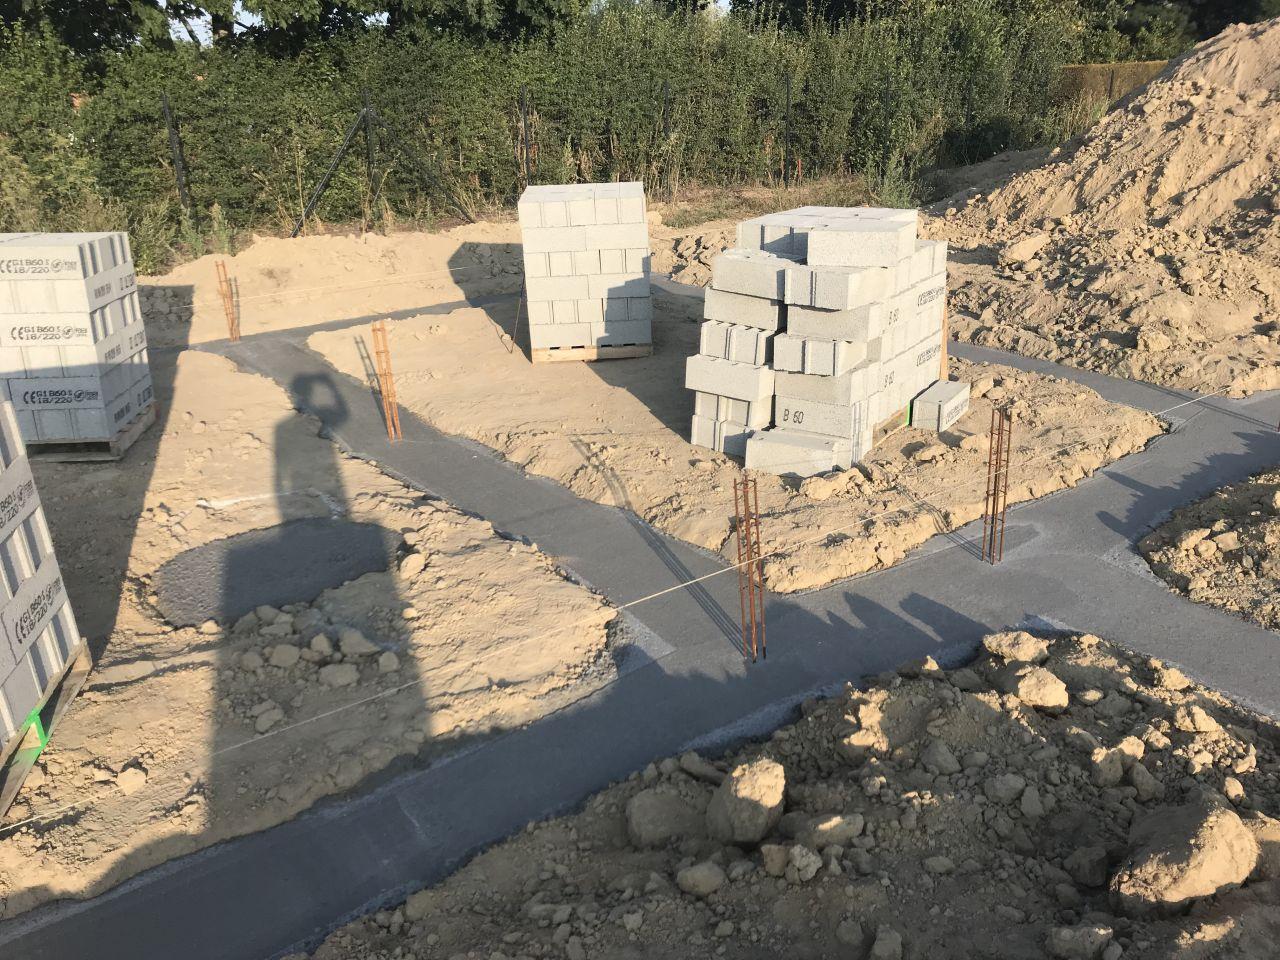 jour 7 : coulage des fondations et livraison des parpaings pour le vide sanitaire